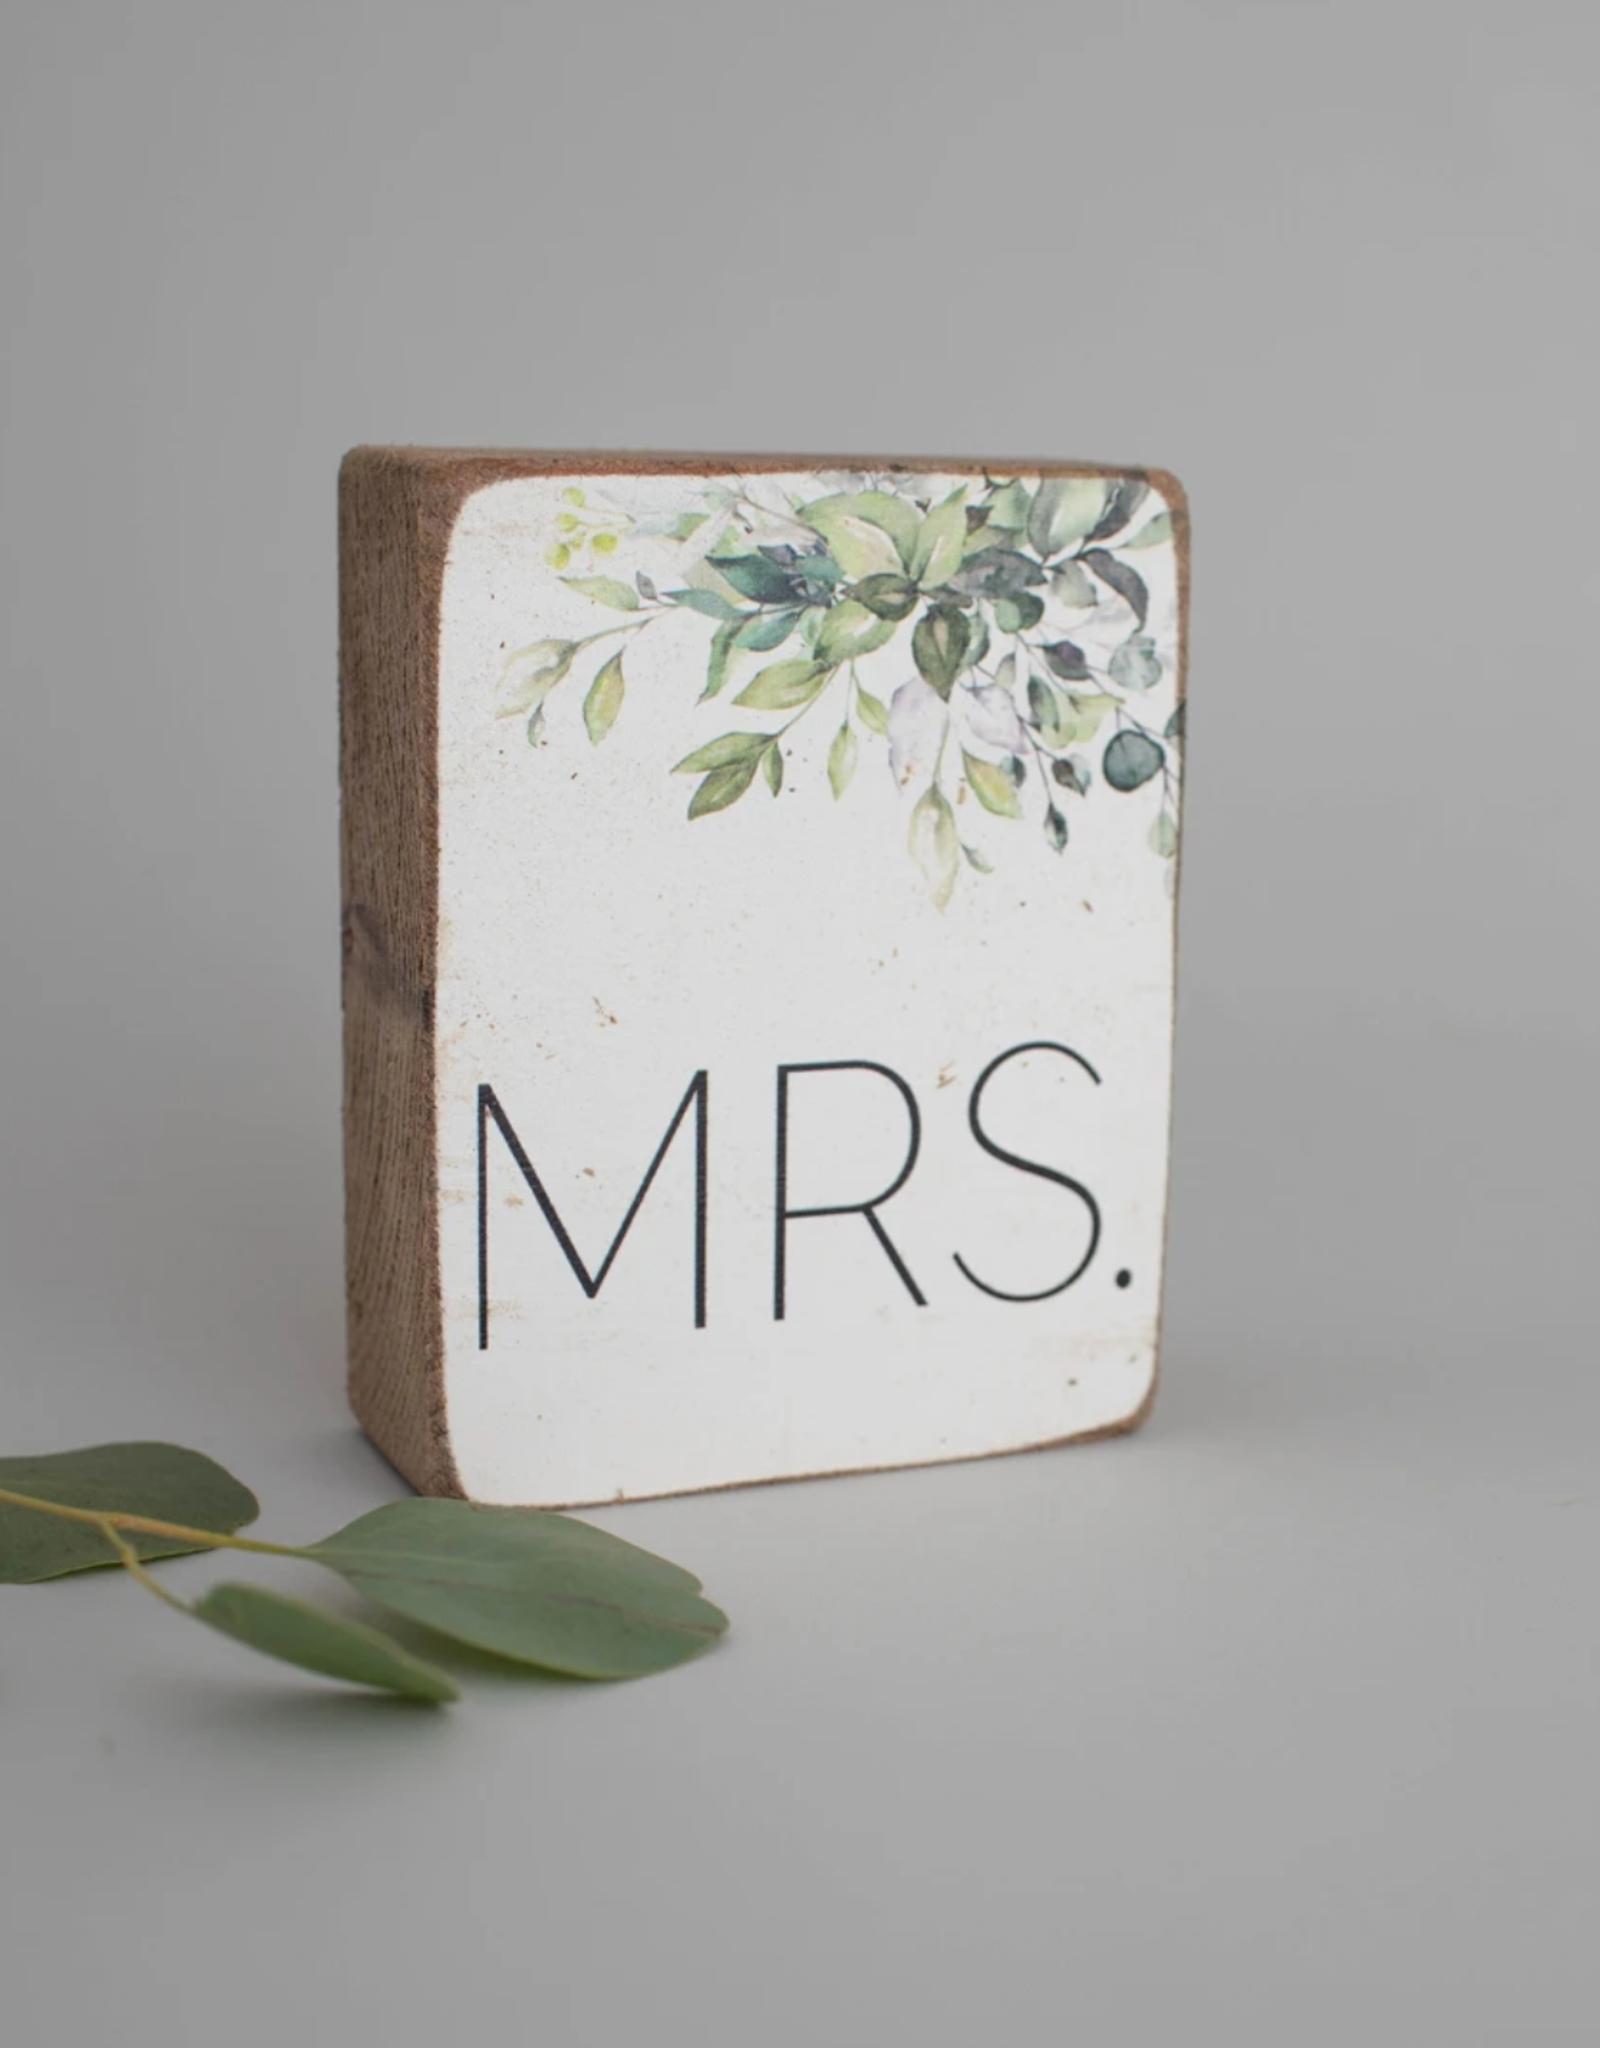 Rustic Marlin Rustic Marlin - Mrs Greenery Symbol Block